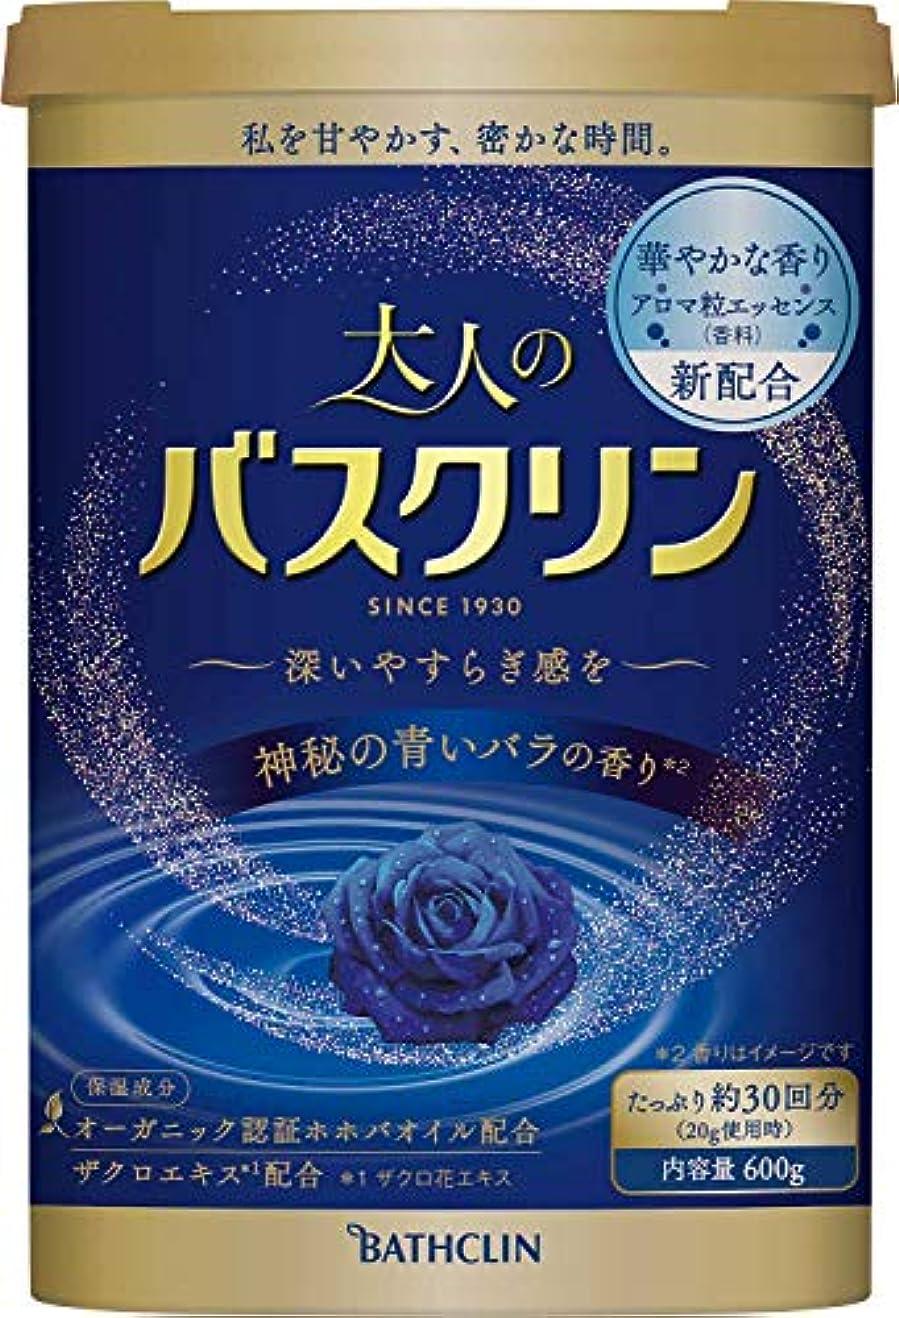 きつく見かけ上ラウズ大人のバスクリン入浴剤 神秘の青いバラの香り600g(約30回分)